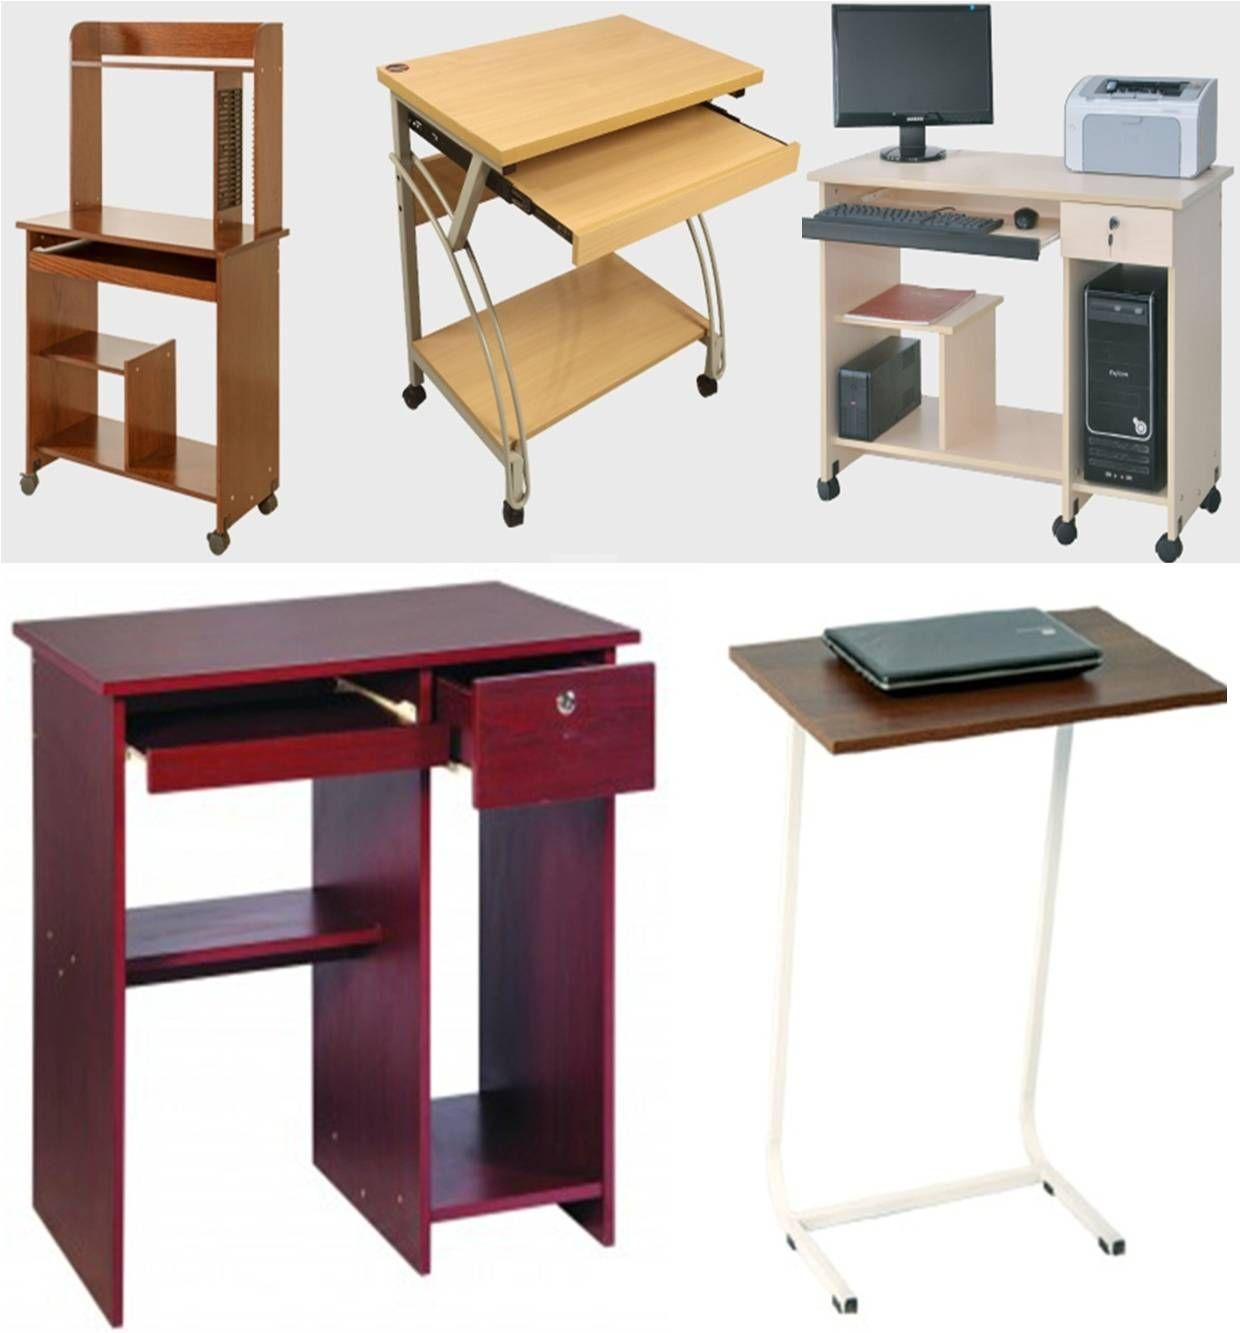 Computer Table Manufacturer And Vendor Hatil Size 800 L X450 W 1300 H 750 L X500 W X75 0 H 1000 L X500 W X75 Computer Table Furniture Office Furniture